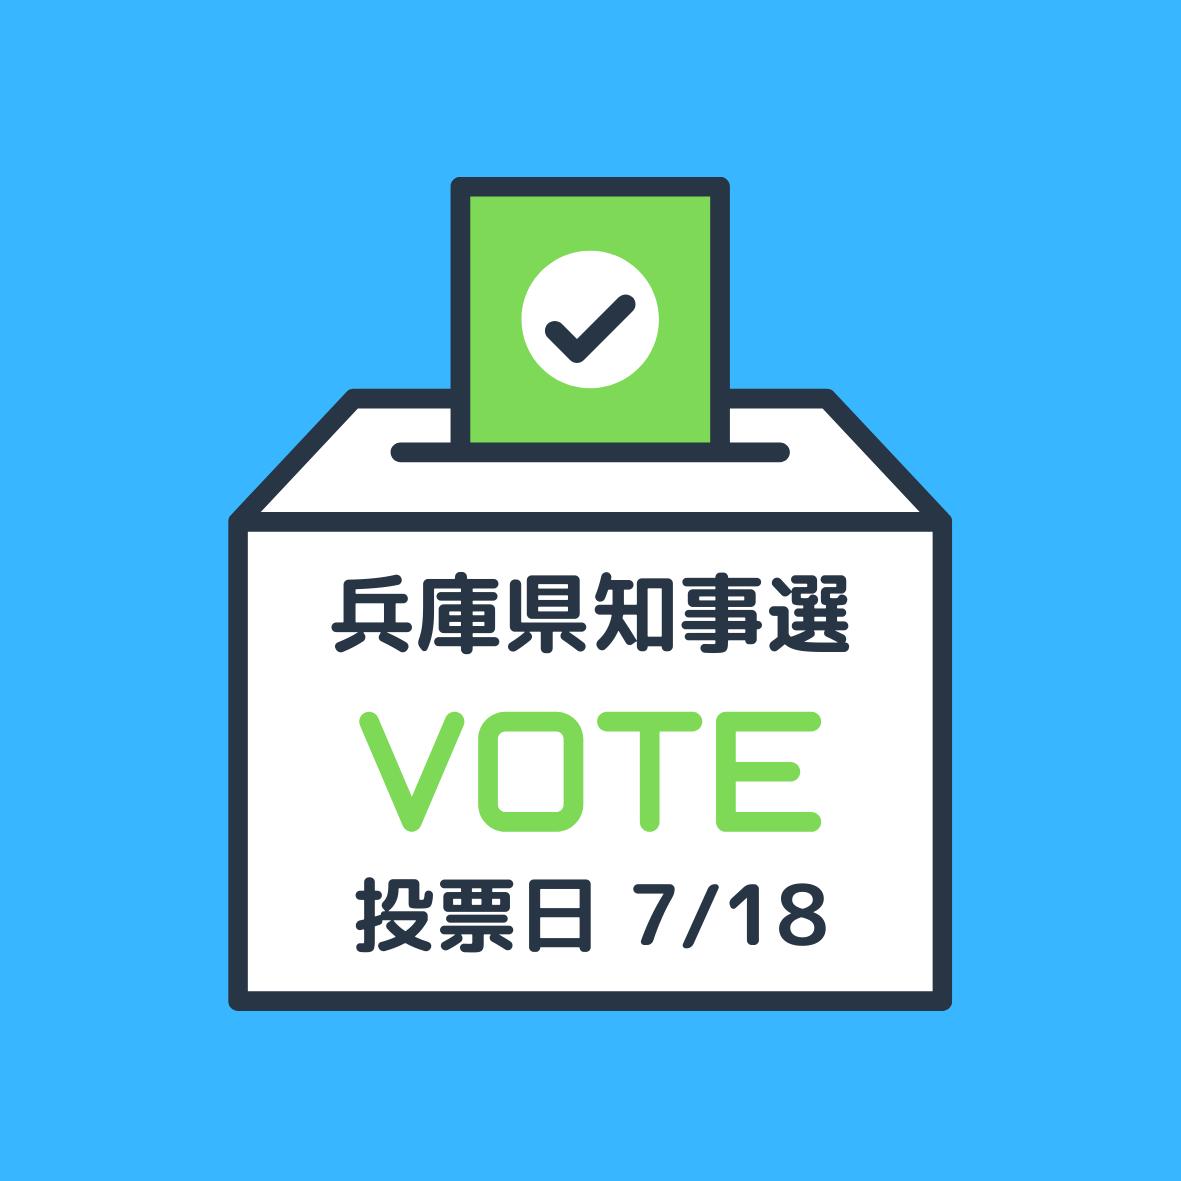 【公開質問状】兵庫県知事選2021 兵庫県における気候変動対策に関する公開質問状